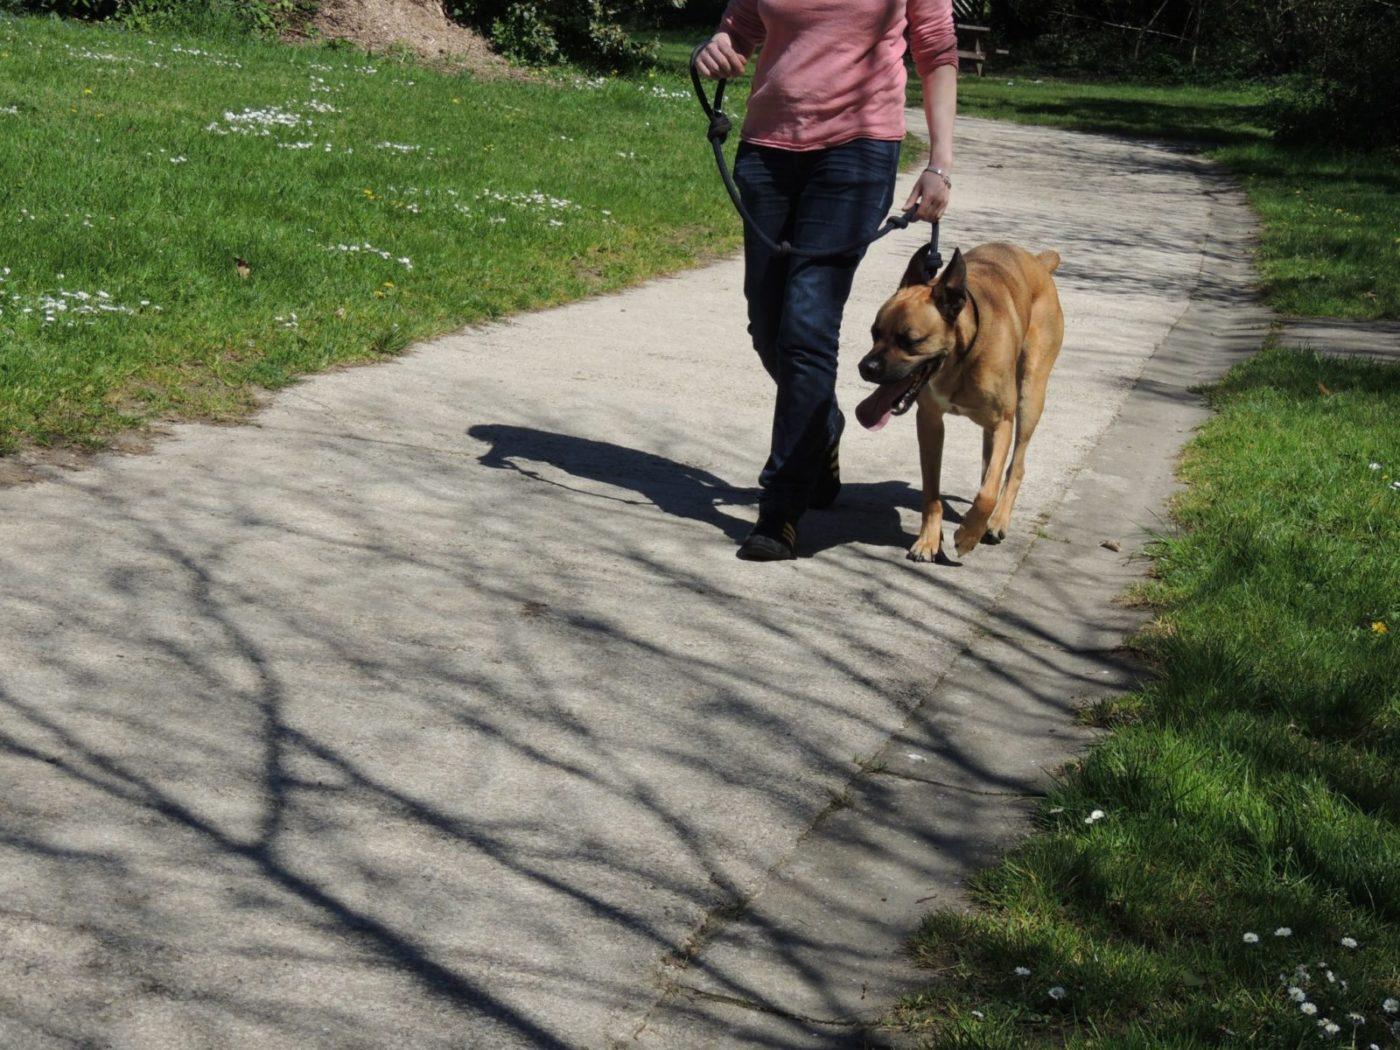 Educateur canin cours d'éducation canine dressage chien à domicile - eduquer son chien